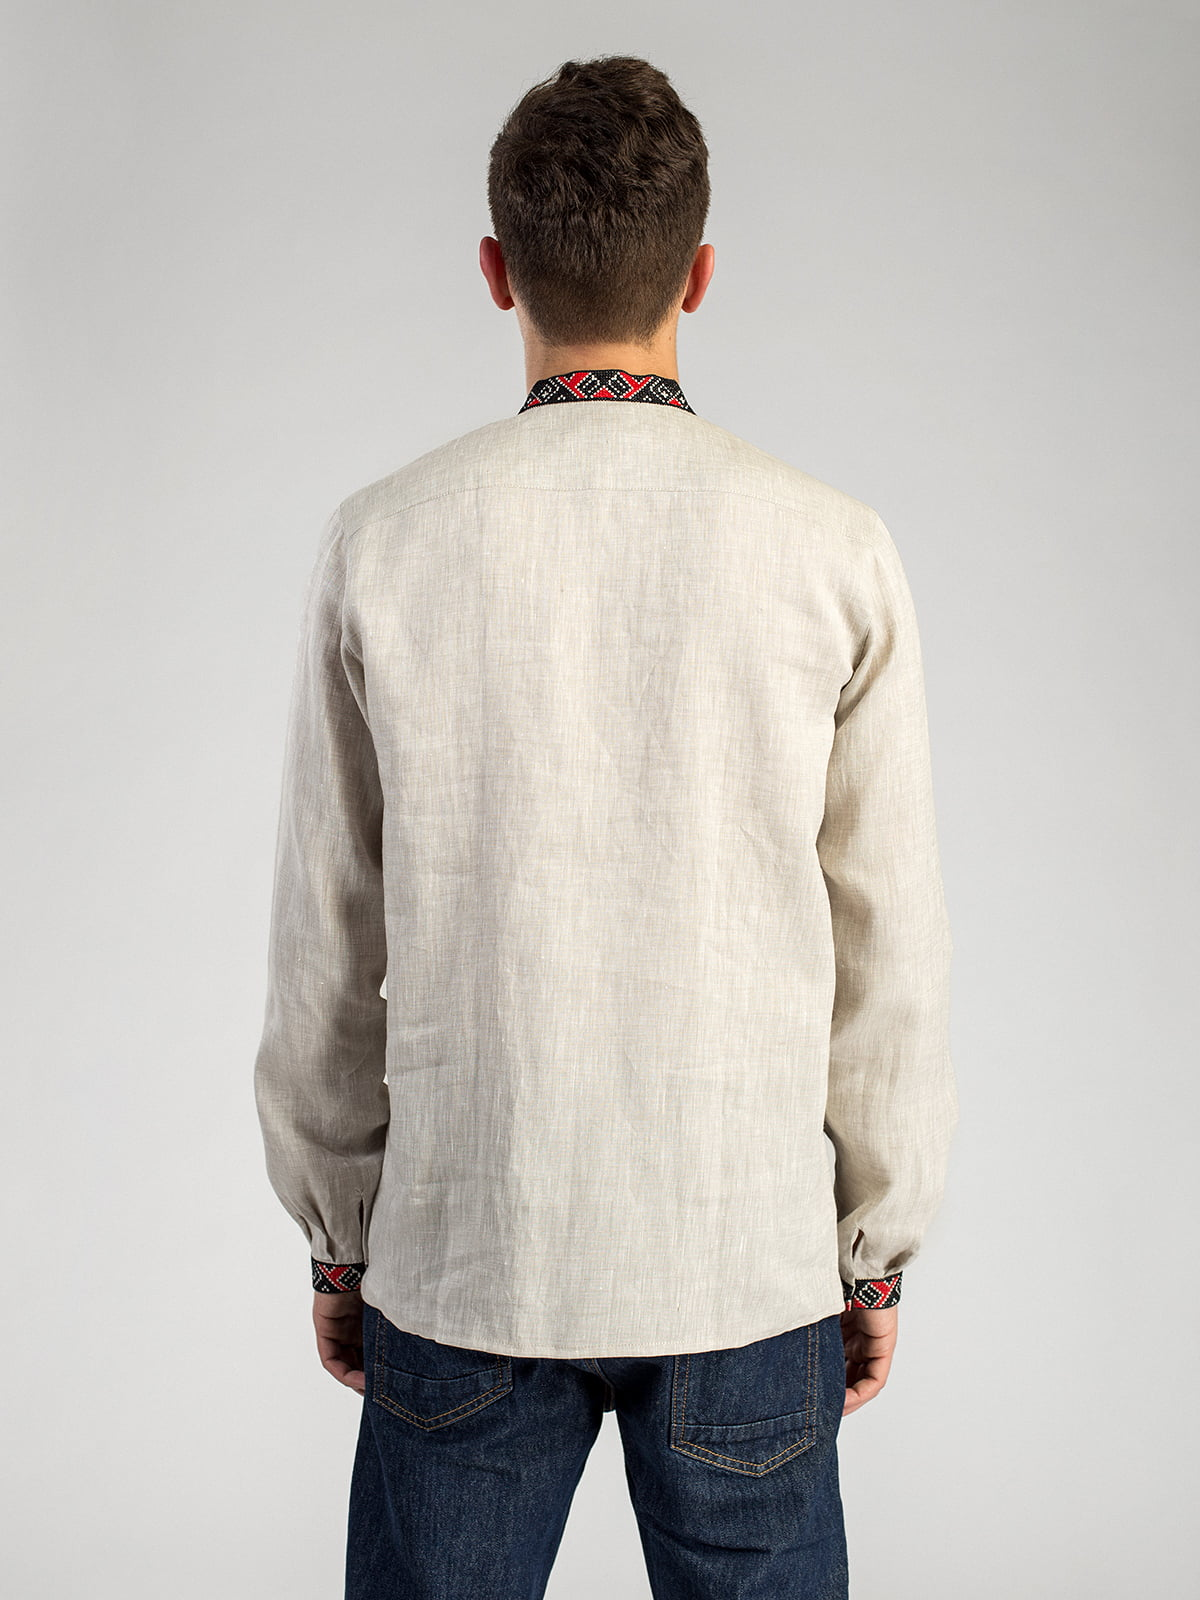 62cc9420bfbdd17 Мужская рубашка из серого льна с красно-черной вышивкой ED2/2 6 ...